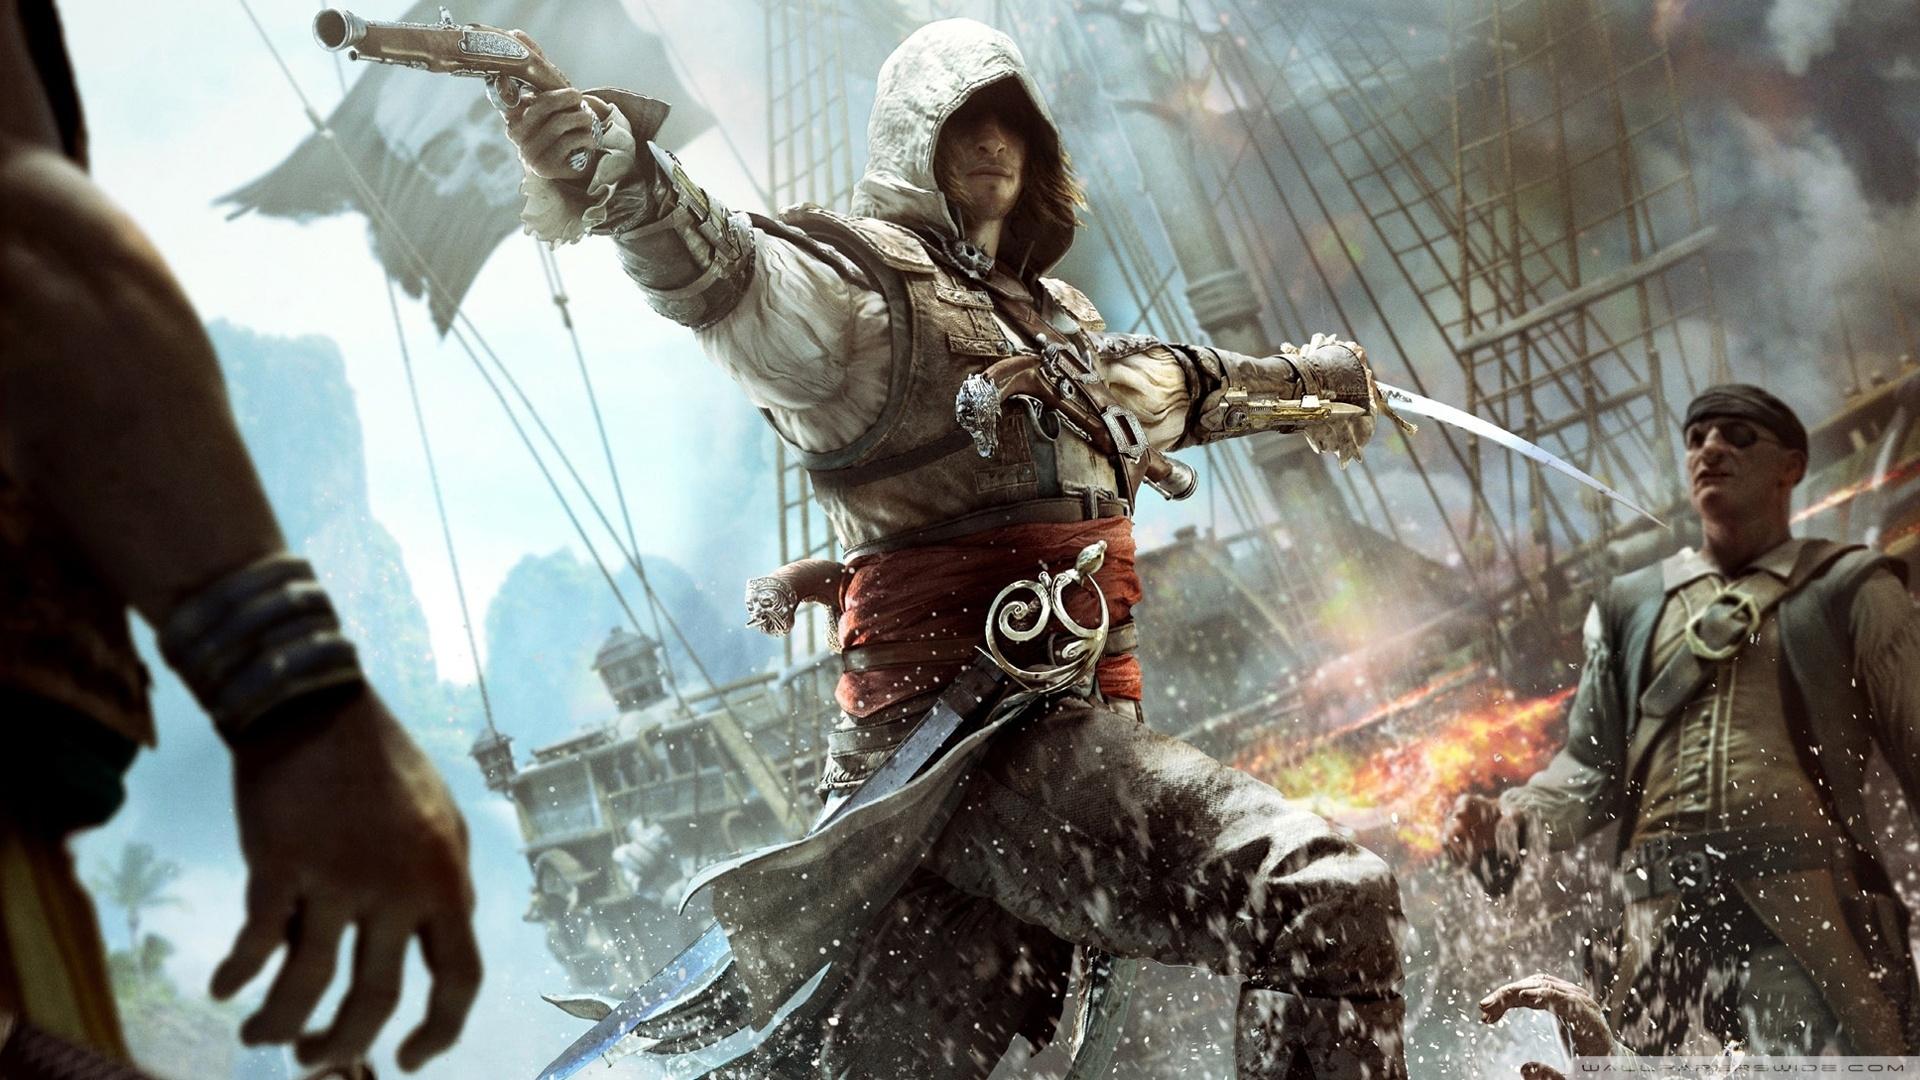 assassin's creed iv black flag edward kenway ❤ 4k hd desktop